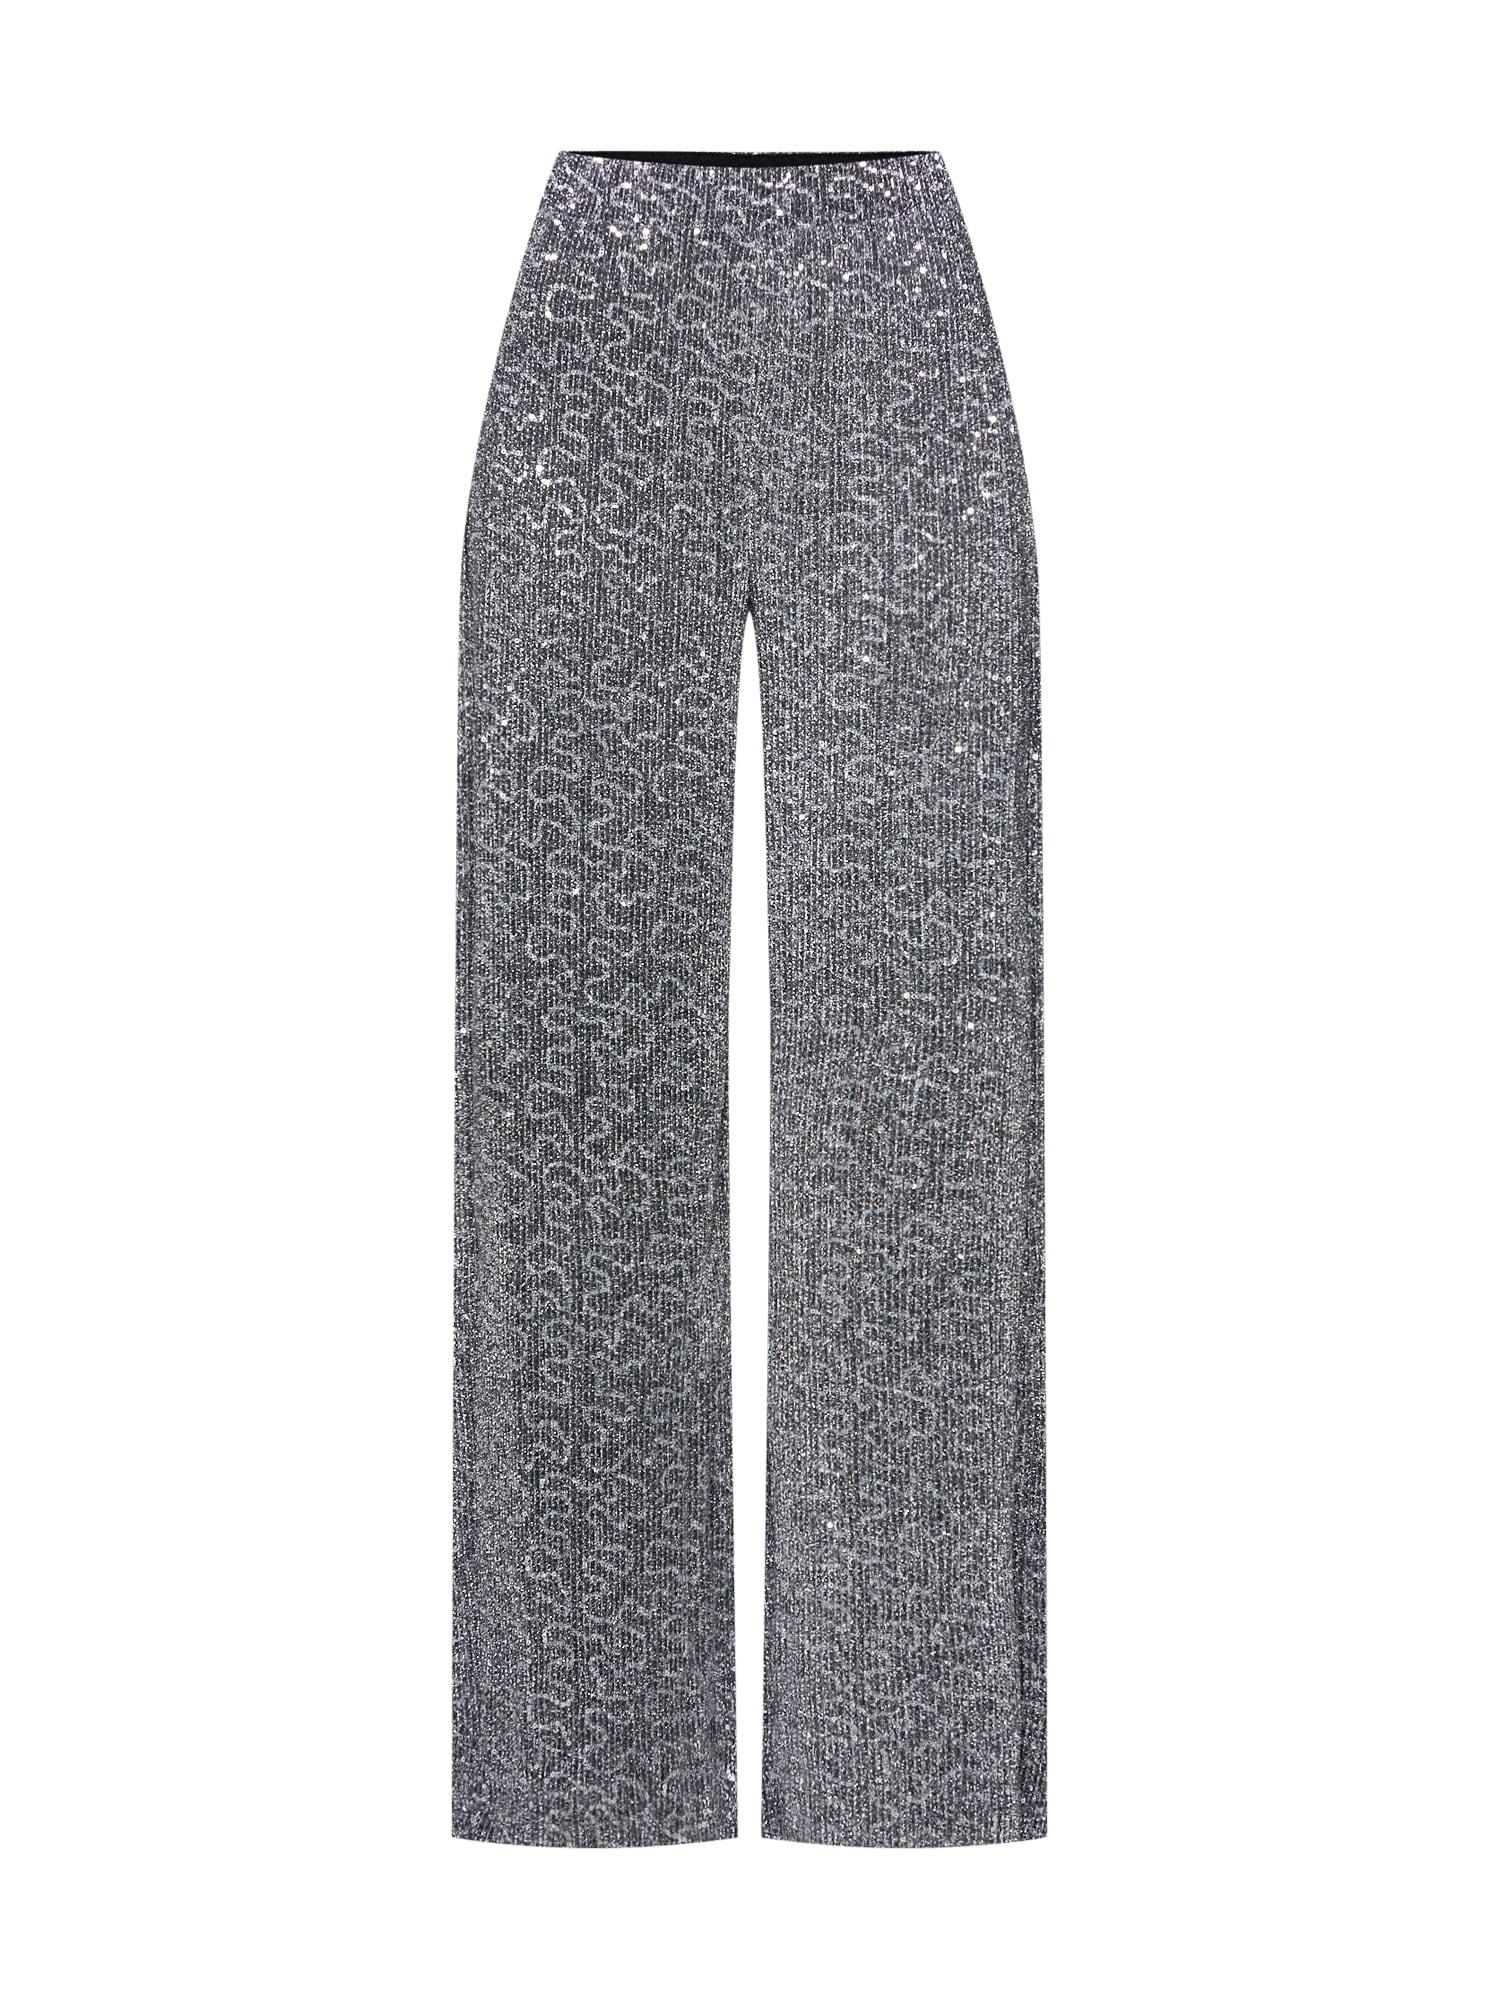 Kalhoty VILEZANA LOOSE PANTS stříbrná VILA